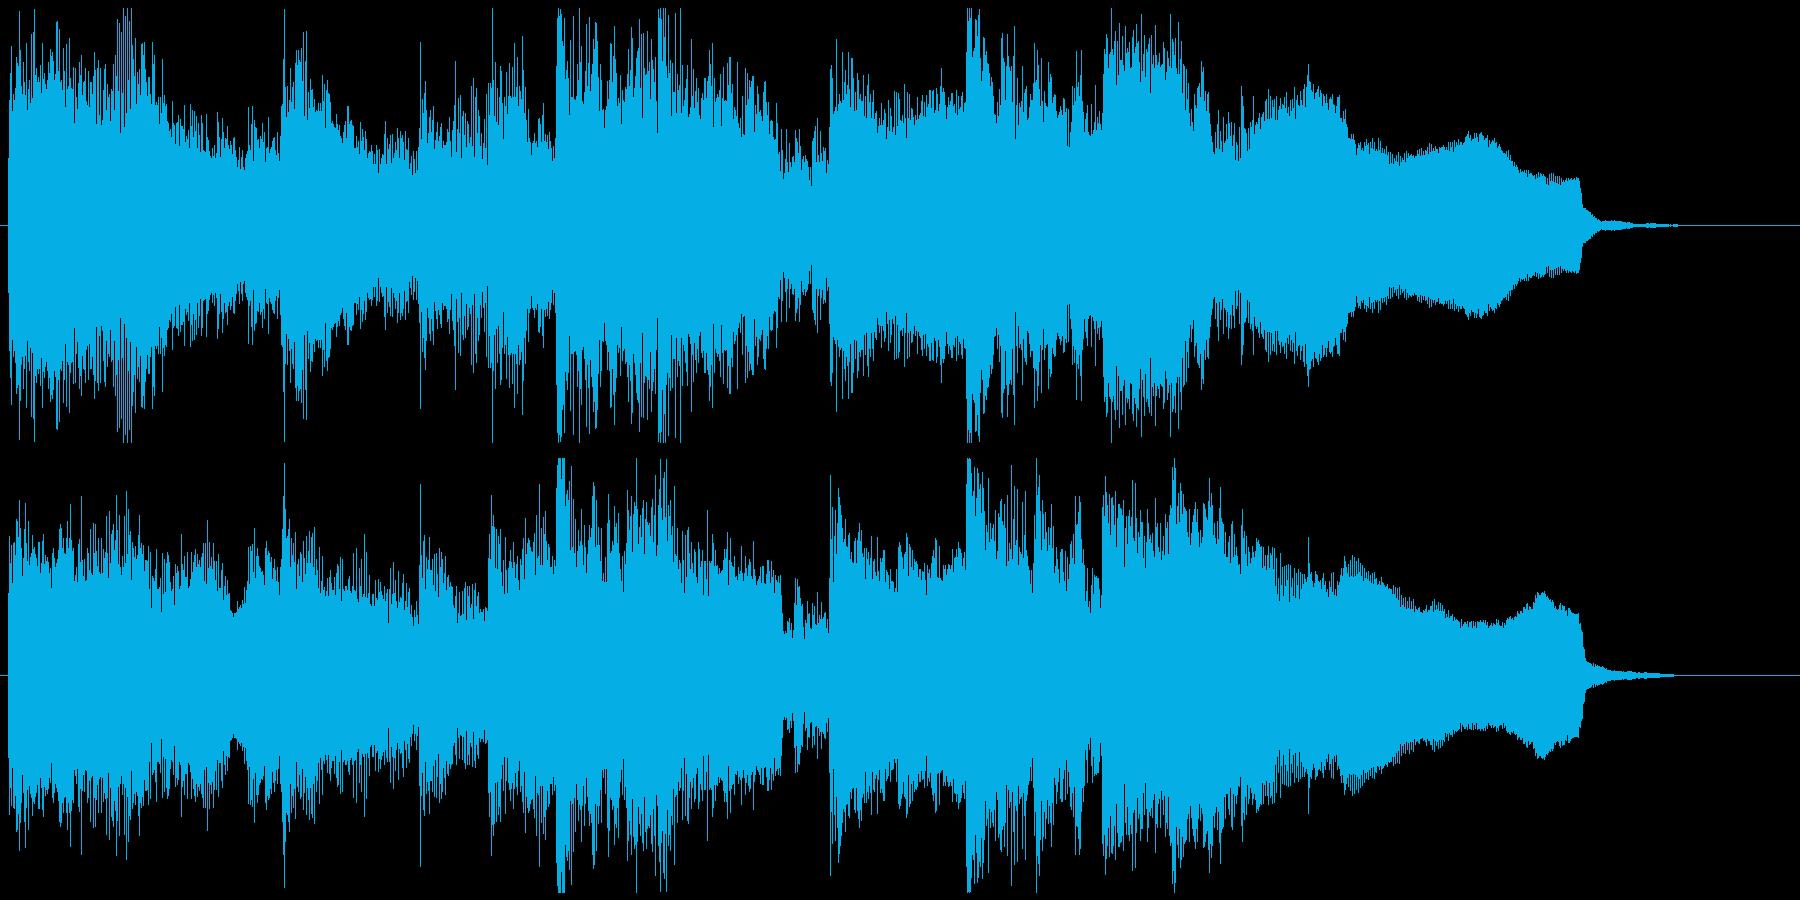 篠笛の音色が印象的な15秒CM向けの曲の再生済みの波形